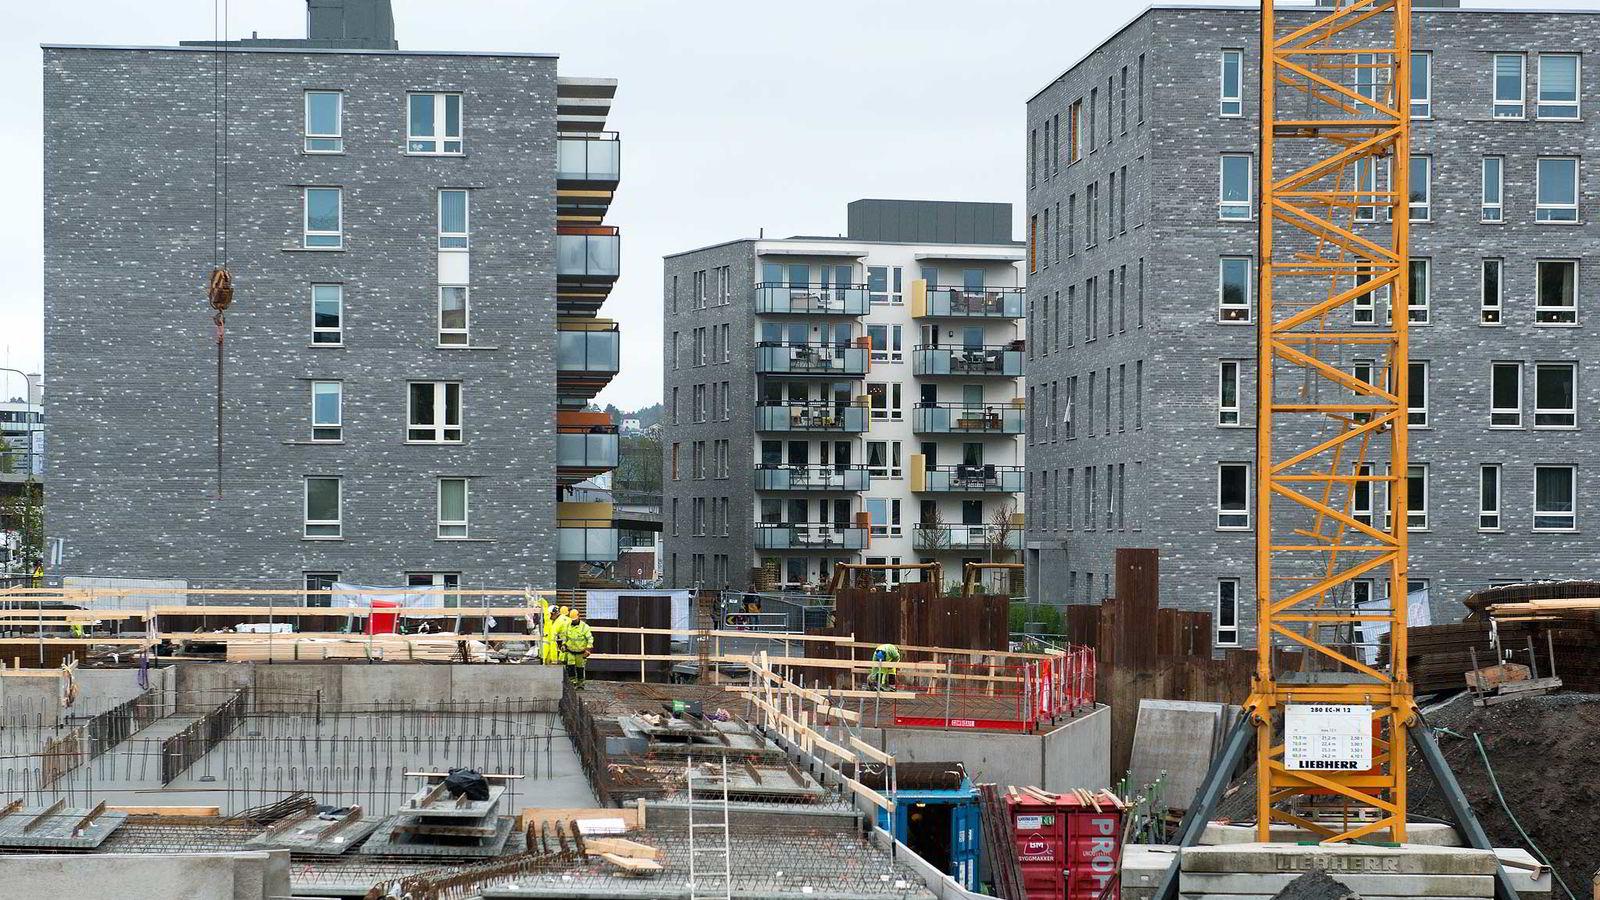 - Vanlige folk med vanlige jobber har snart ikke råd til boliger i pressområdene, sier Per Jæger i Boligprodusentene. Illustrasjonsfotoavboligbygging på Hasle i Oslo.